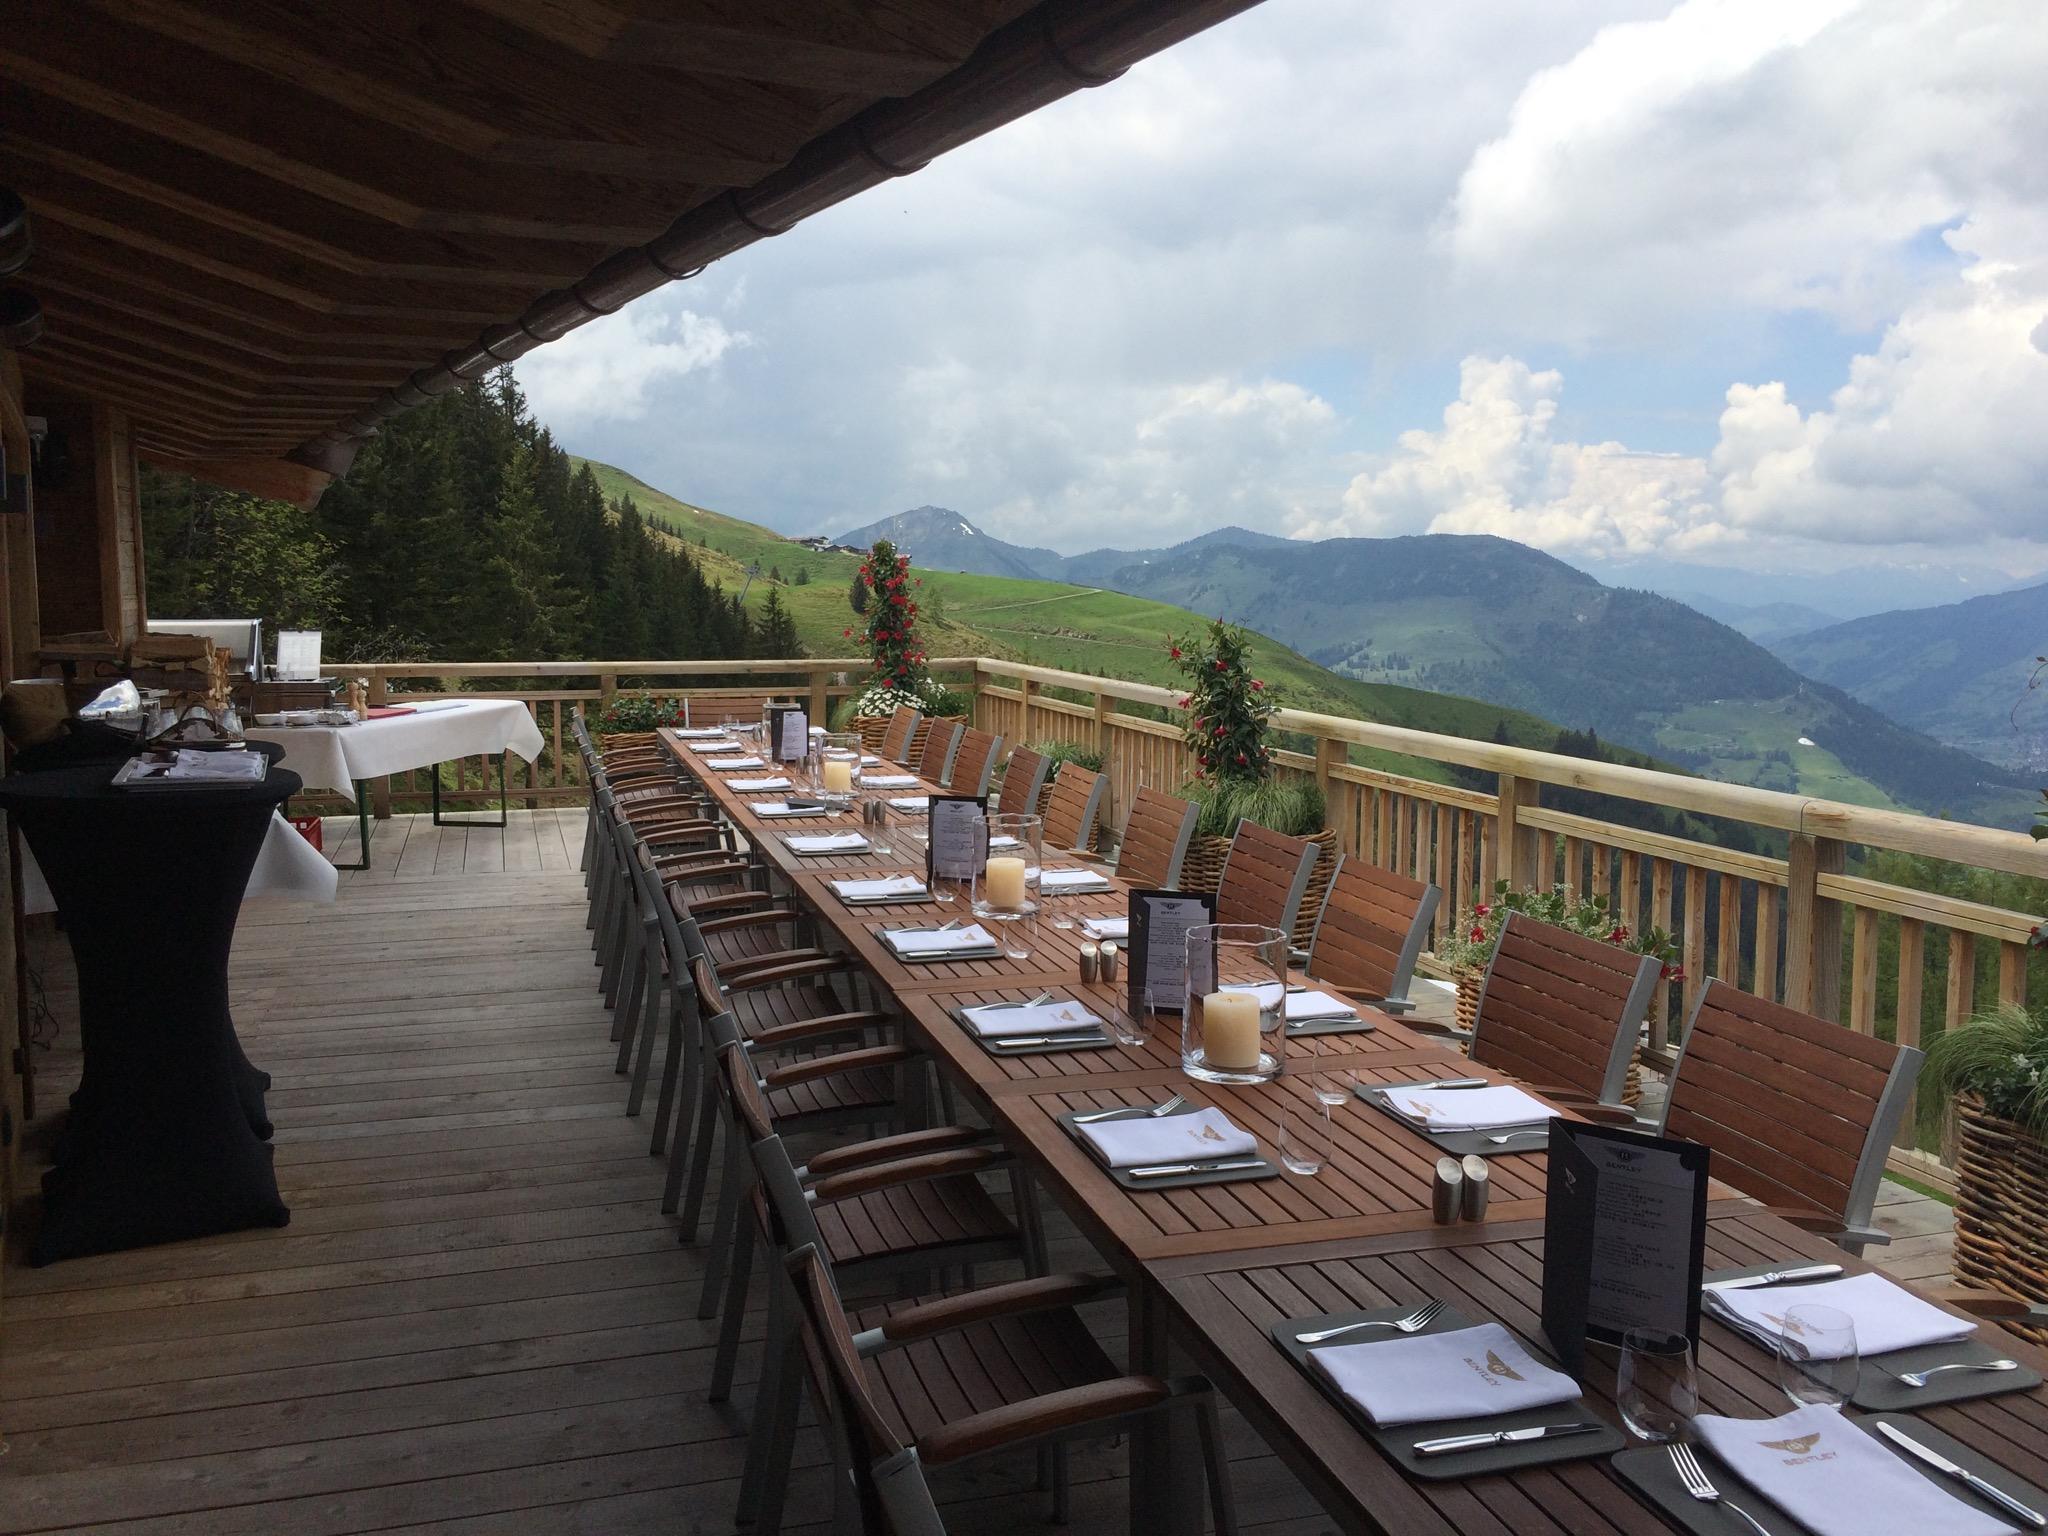 Cuisine-Lifestyle - gedeckter Tisch mit Aussicht